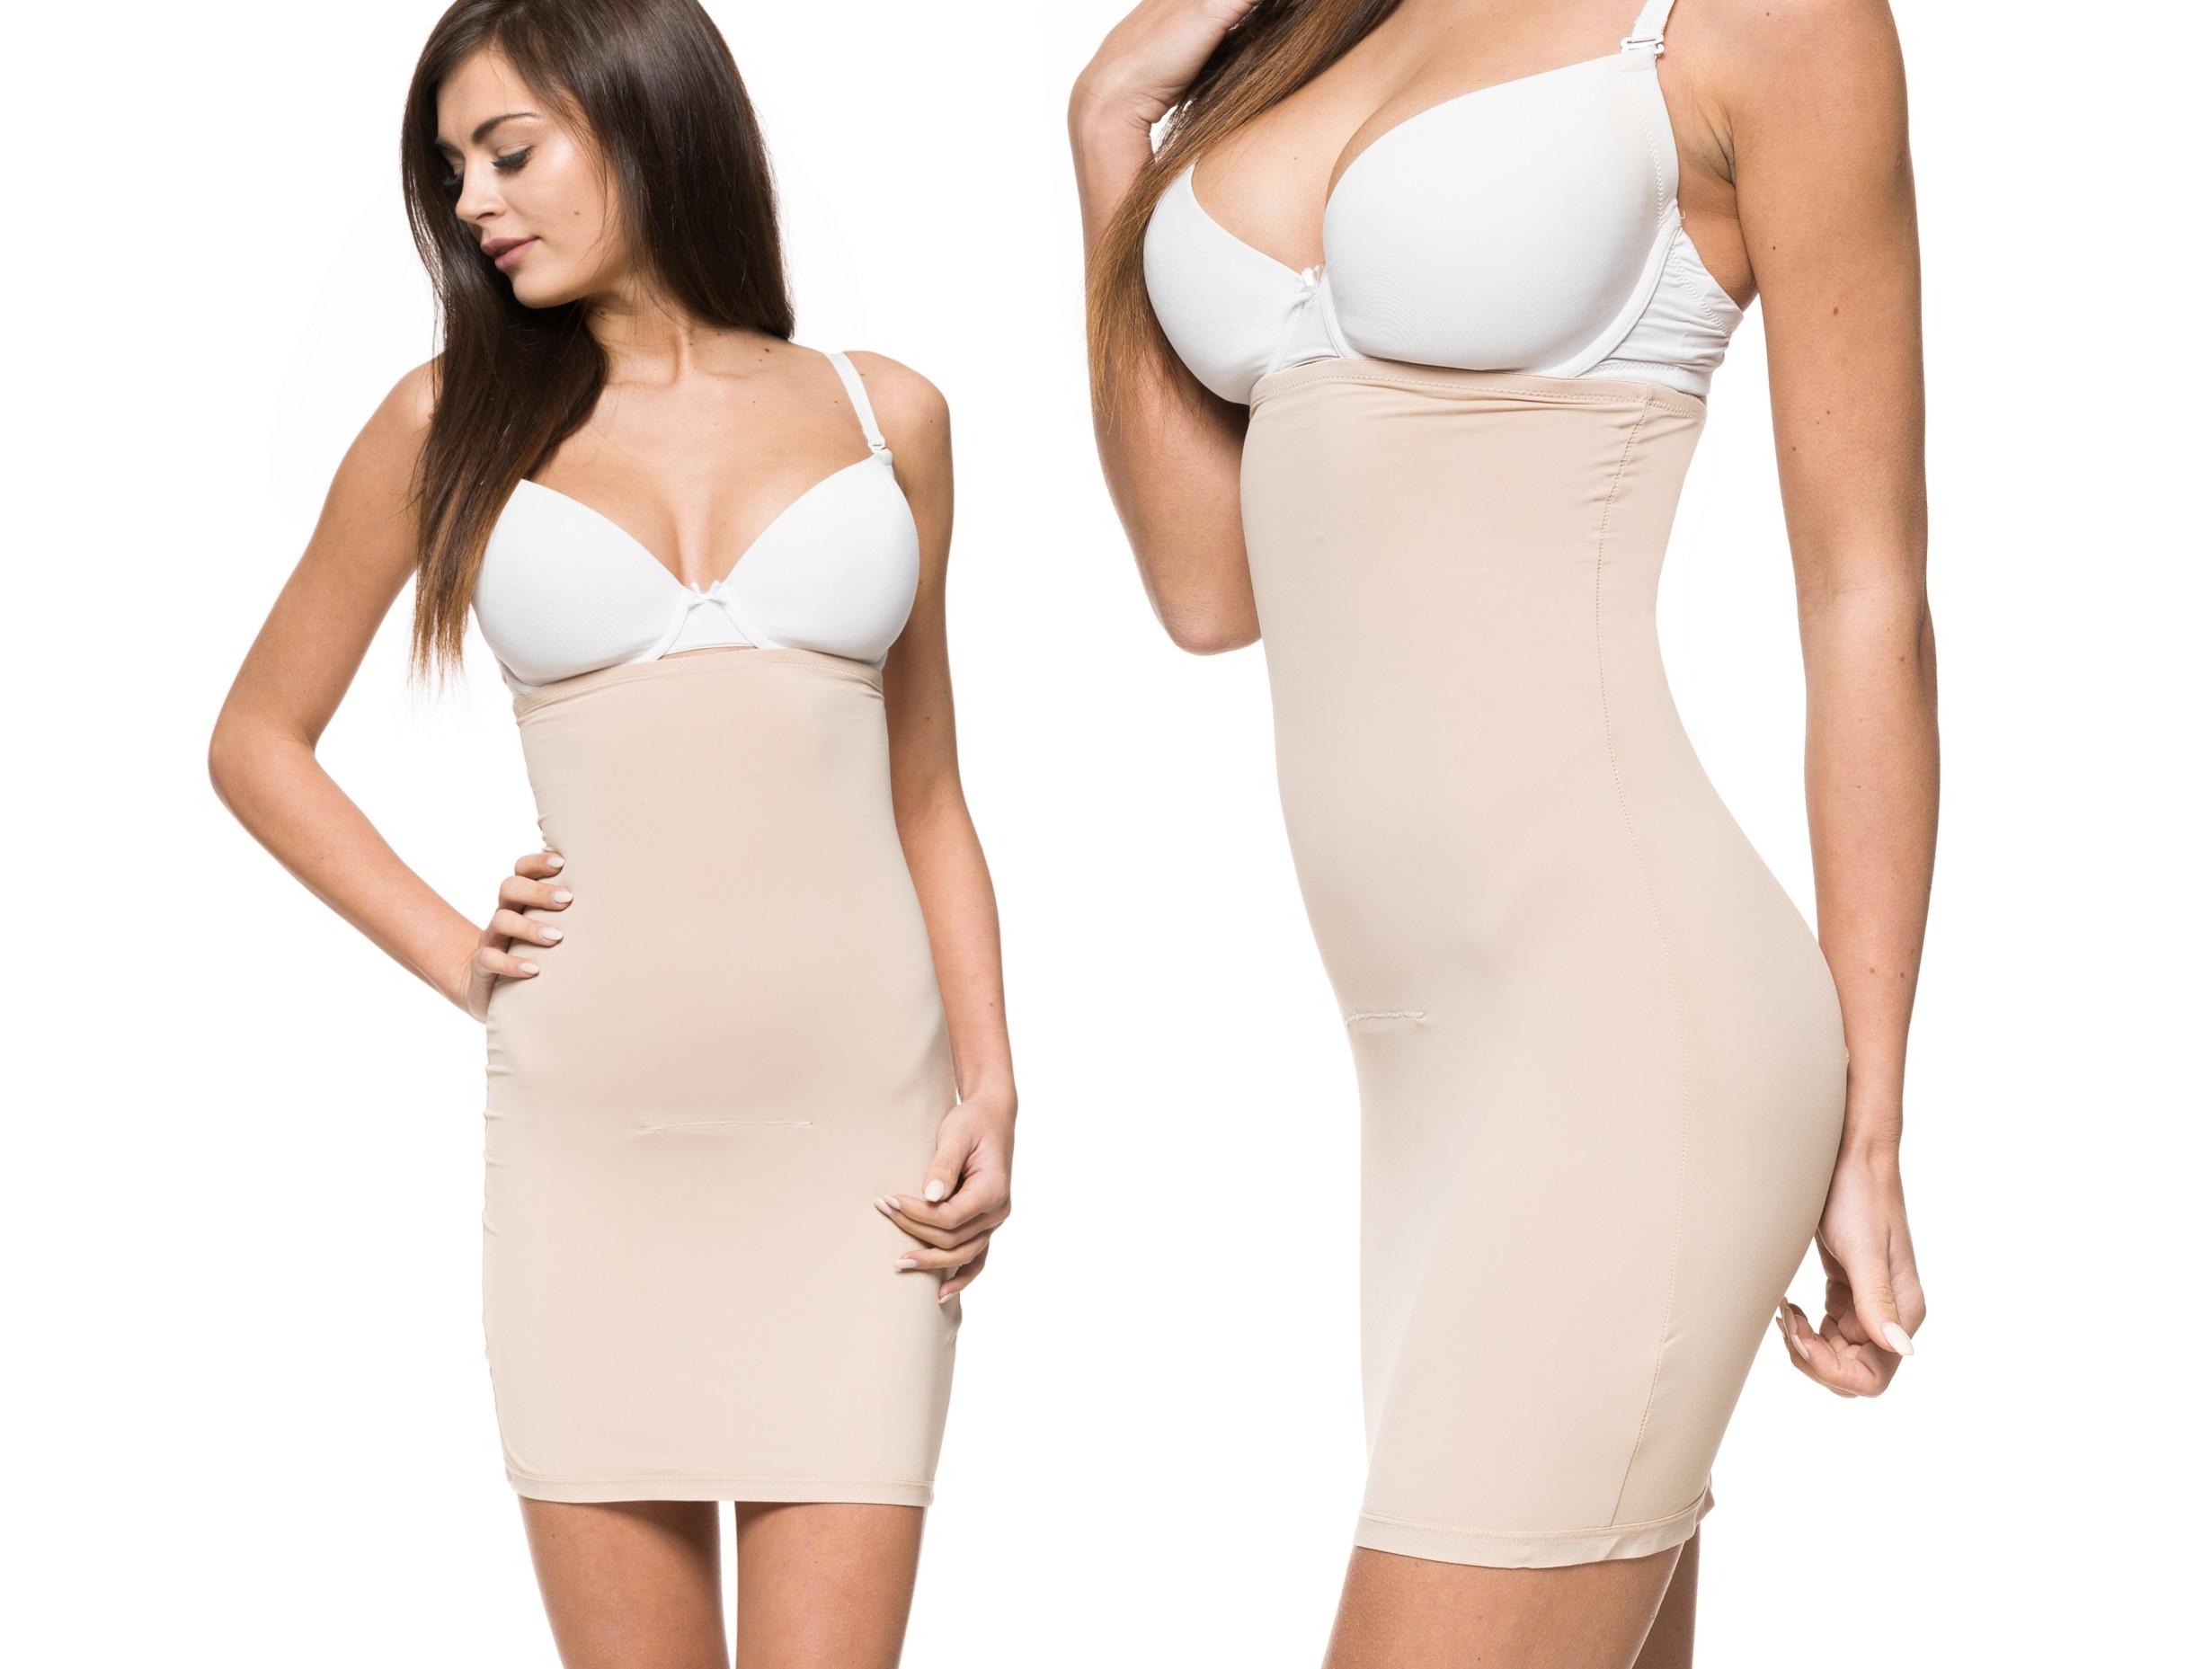 09299068a1b4be HALKA tuba sukienka MOCNO WYSZCZUPLAJĄCA brzuch XL - 6640228017 ...